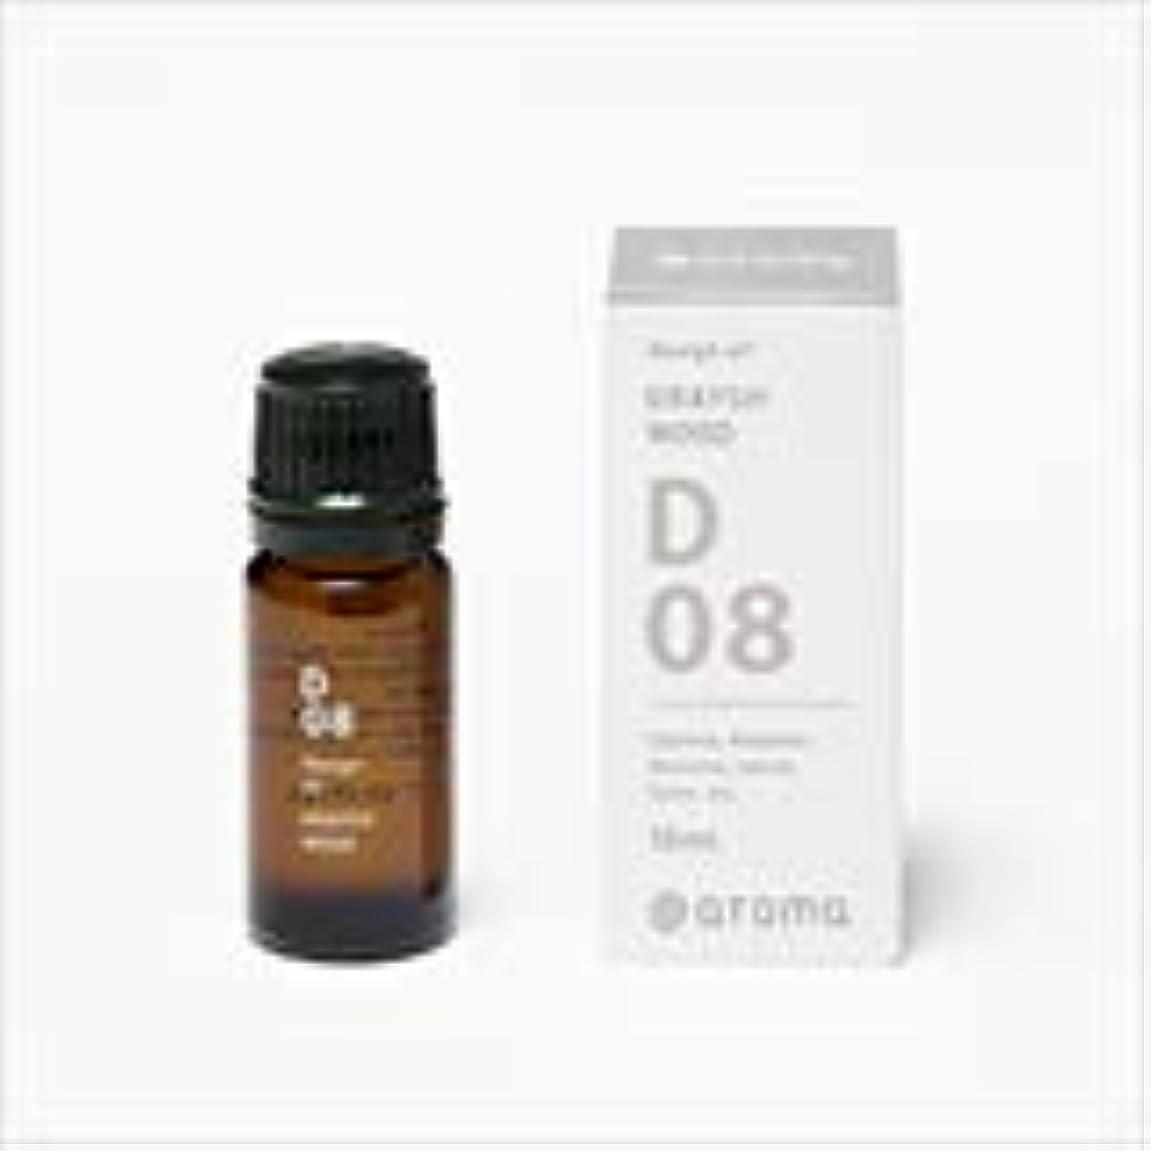 話すけん引上にアットアロマ 100%pure essential oil <Design air グルーヴィーフォレスト>